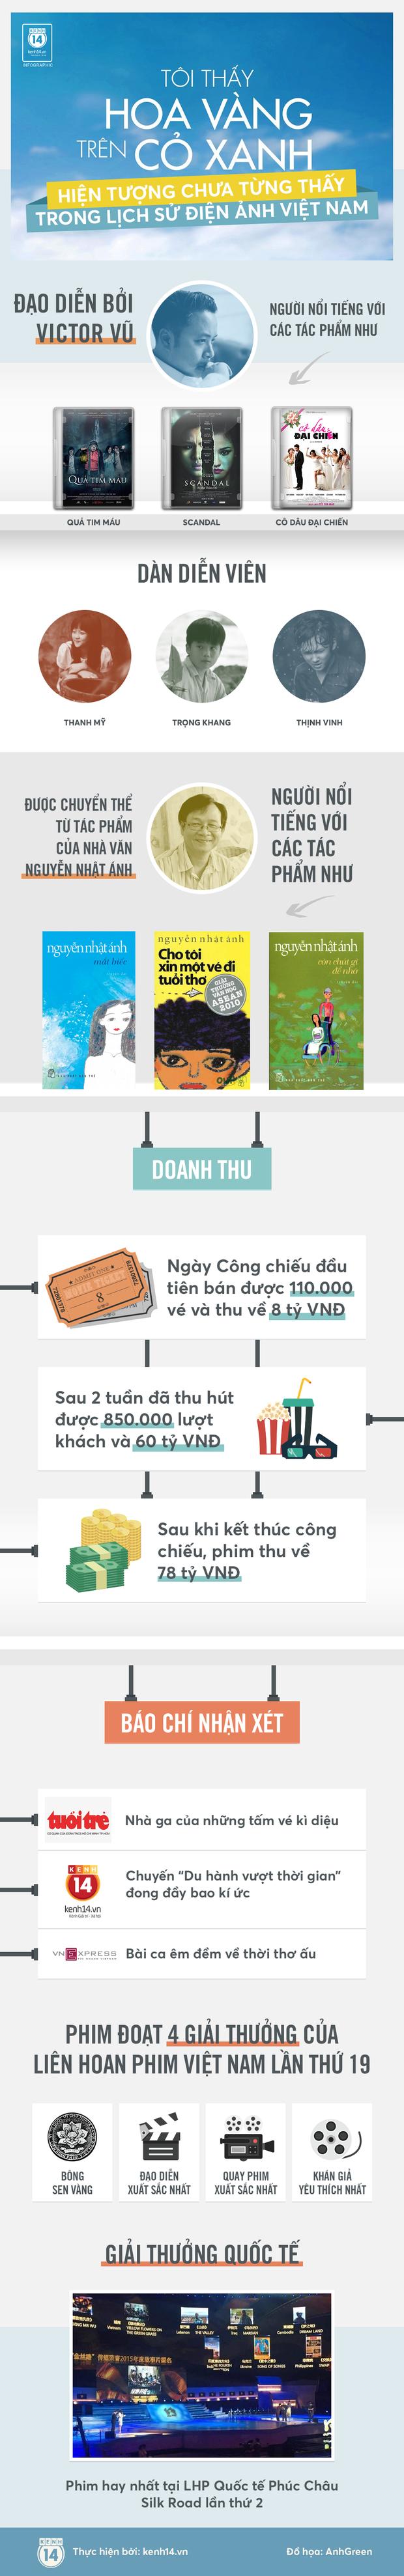 Tôi Thấy Hoa Vàng Trên Cỏ Xanh - Một hiện tượng chưa từng có trong lịch sử điện ảnh Việt - Ảnh 1.